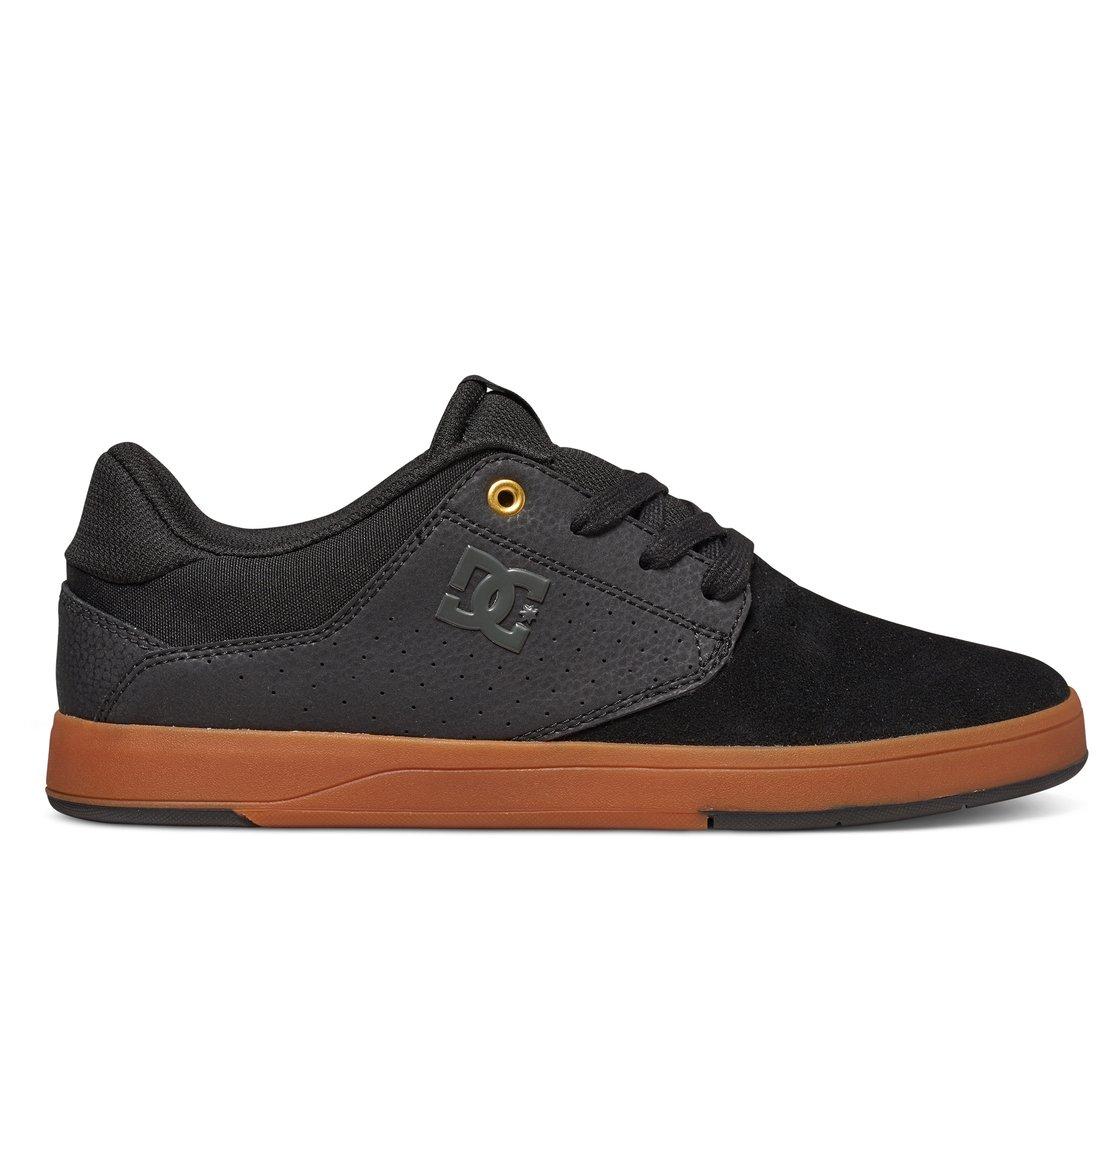 Dc All Black Shoes Men